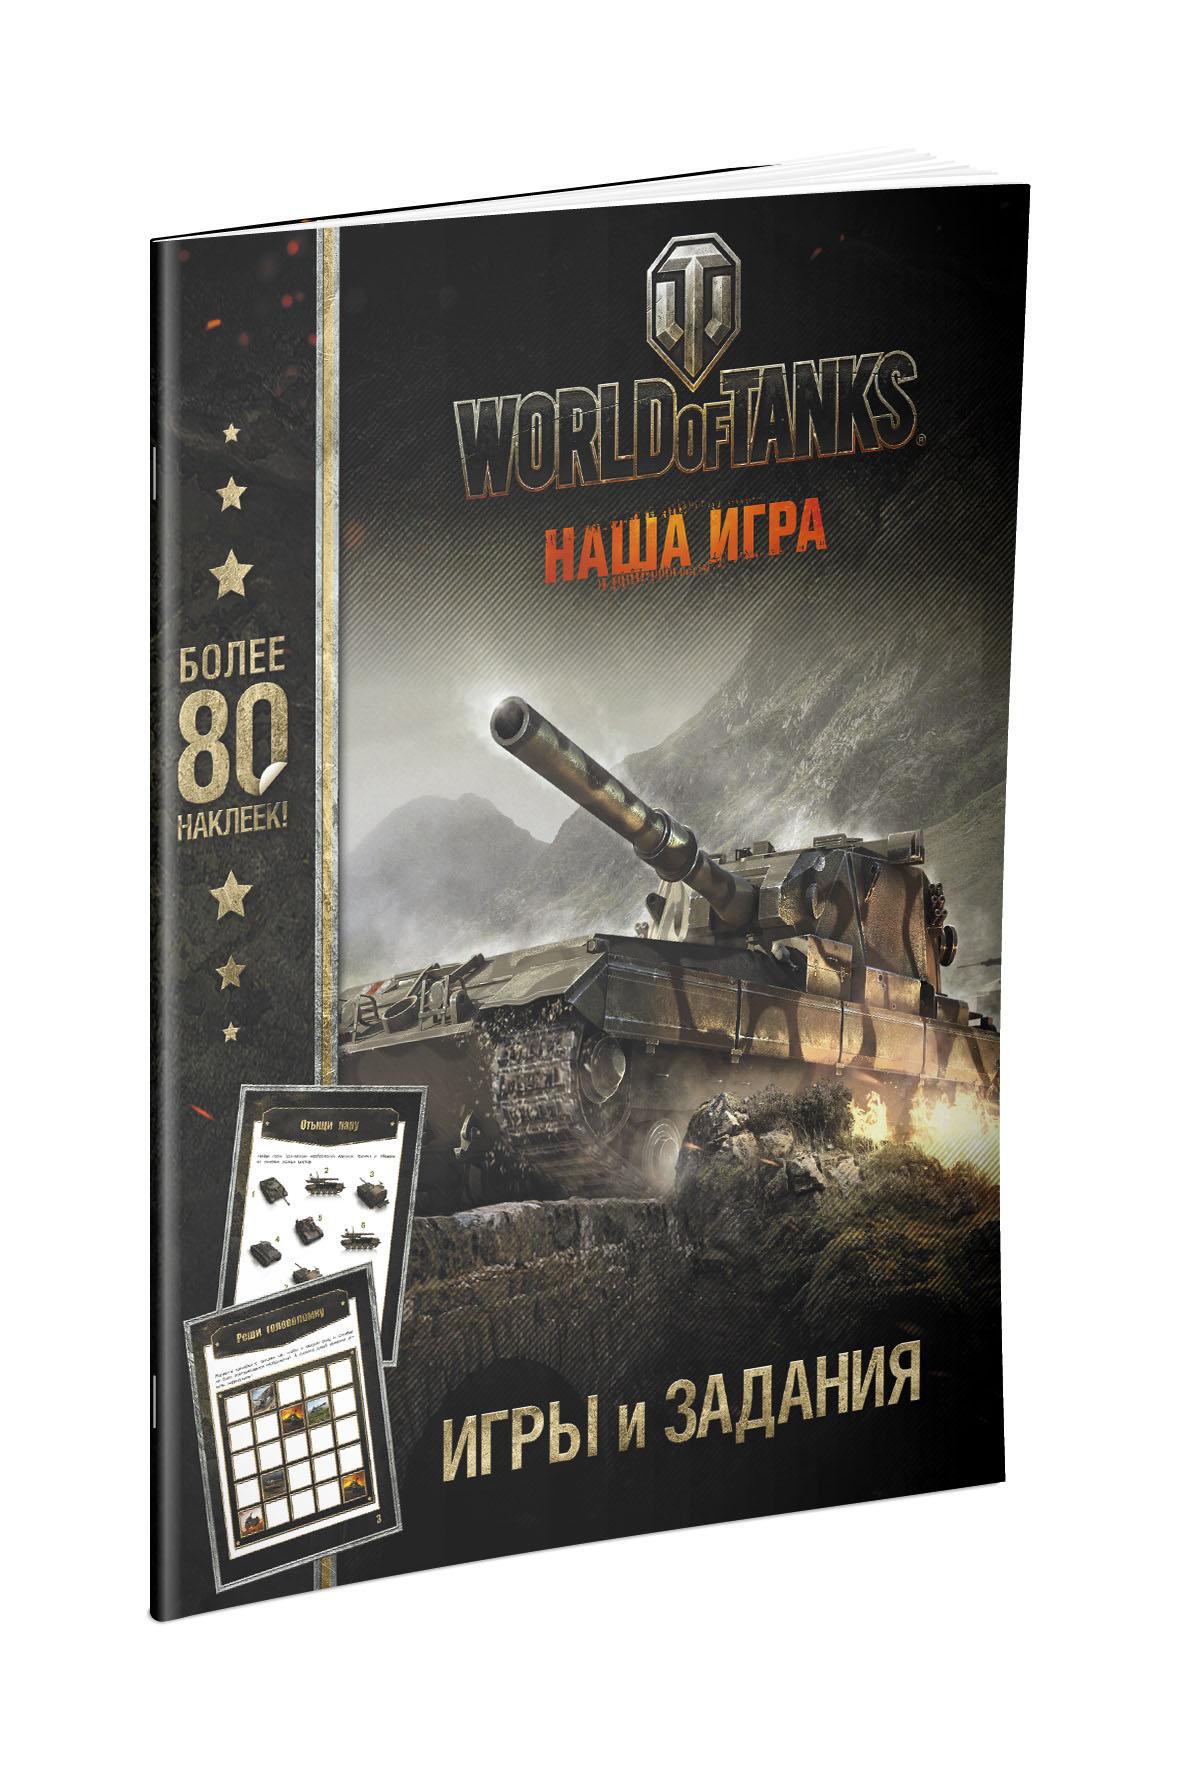 World of Tanks. Игры и задания (с наклейками) банданы world of tanks бафф world of tanks